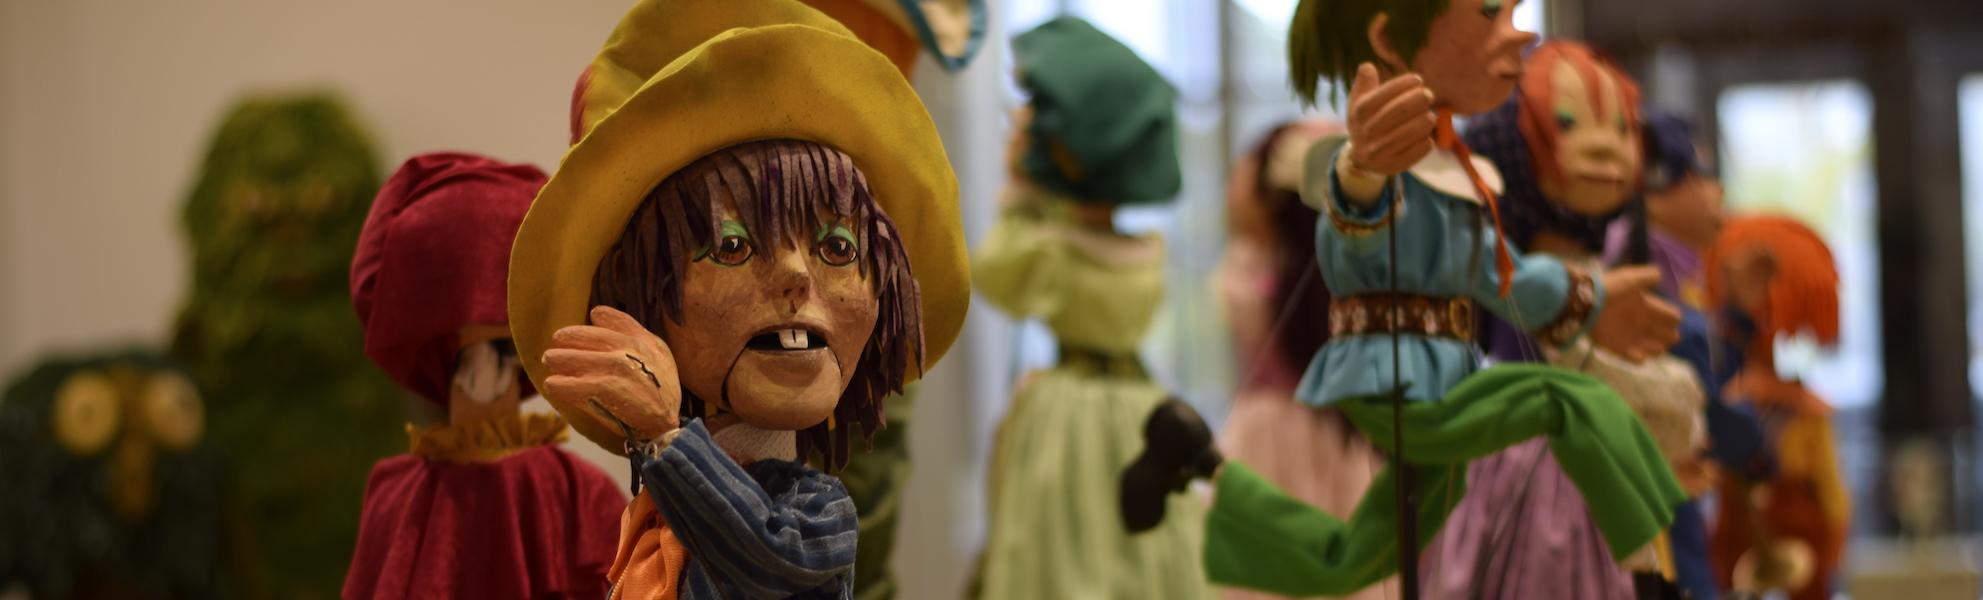 Puppets by Frank Ballard